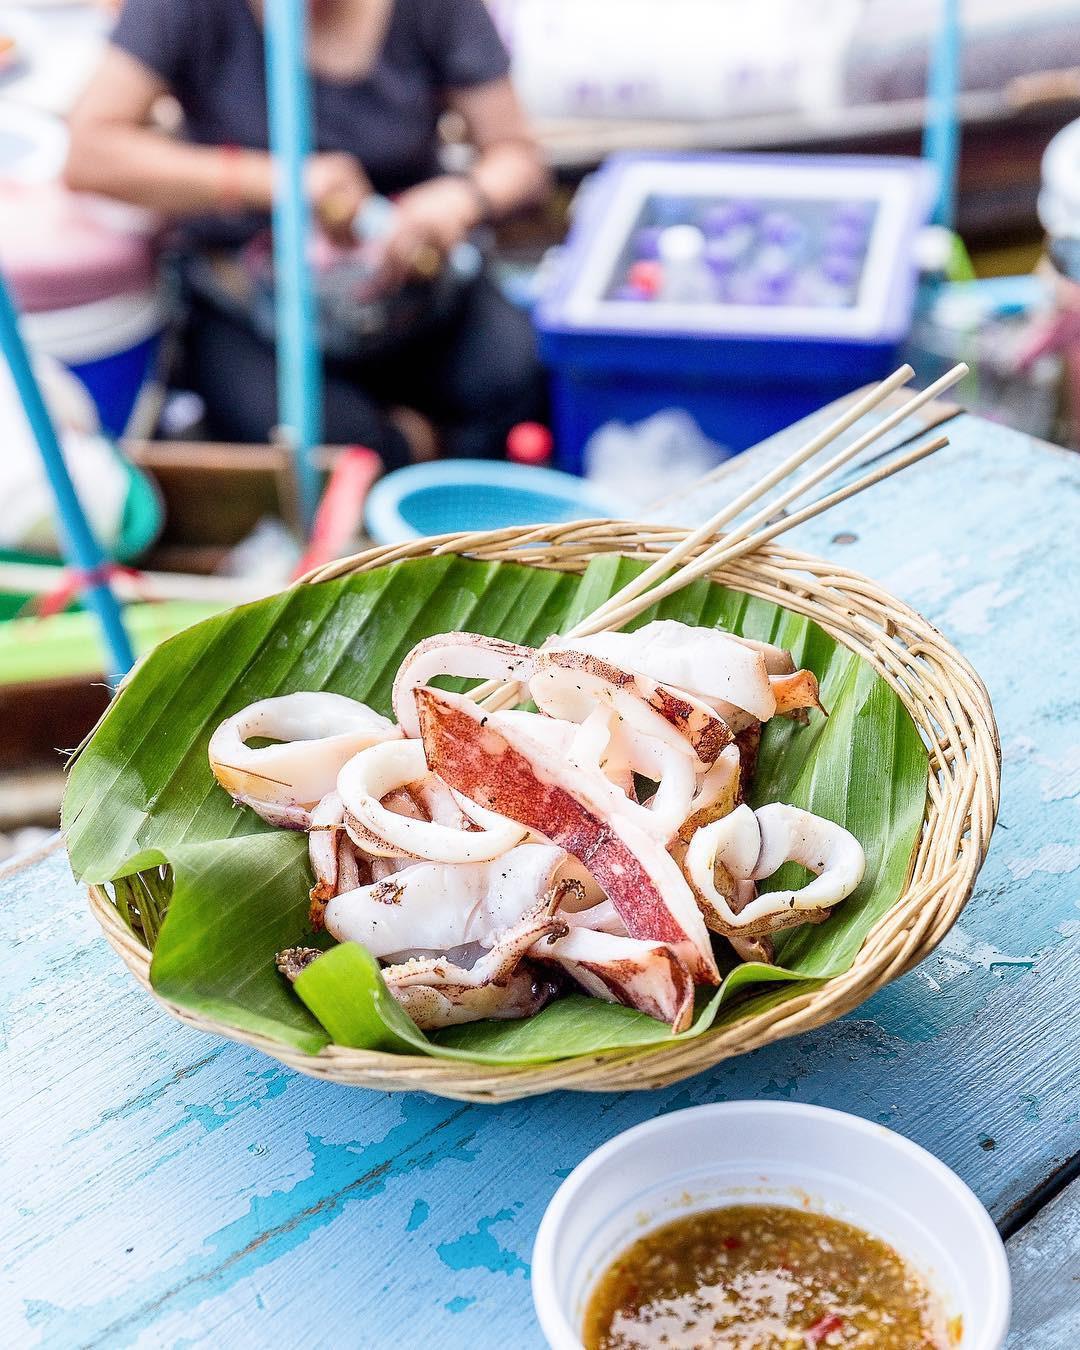 Chơi quên lối về tại những khu chợ nổi nhất định phải ghé ở Bangkok - Ảnh 12.